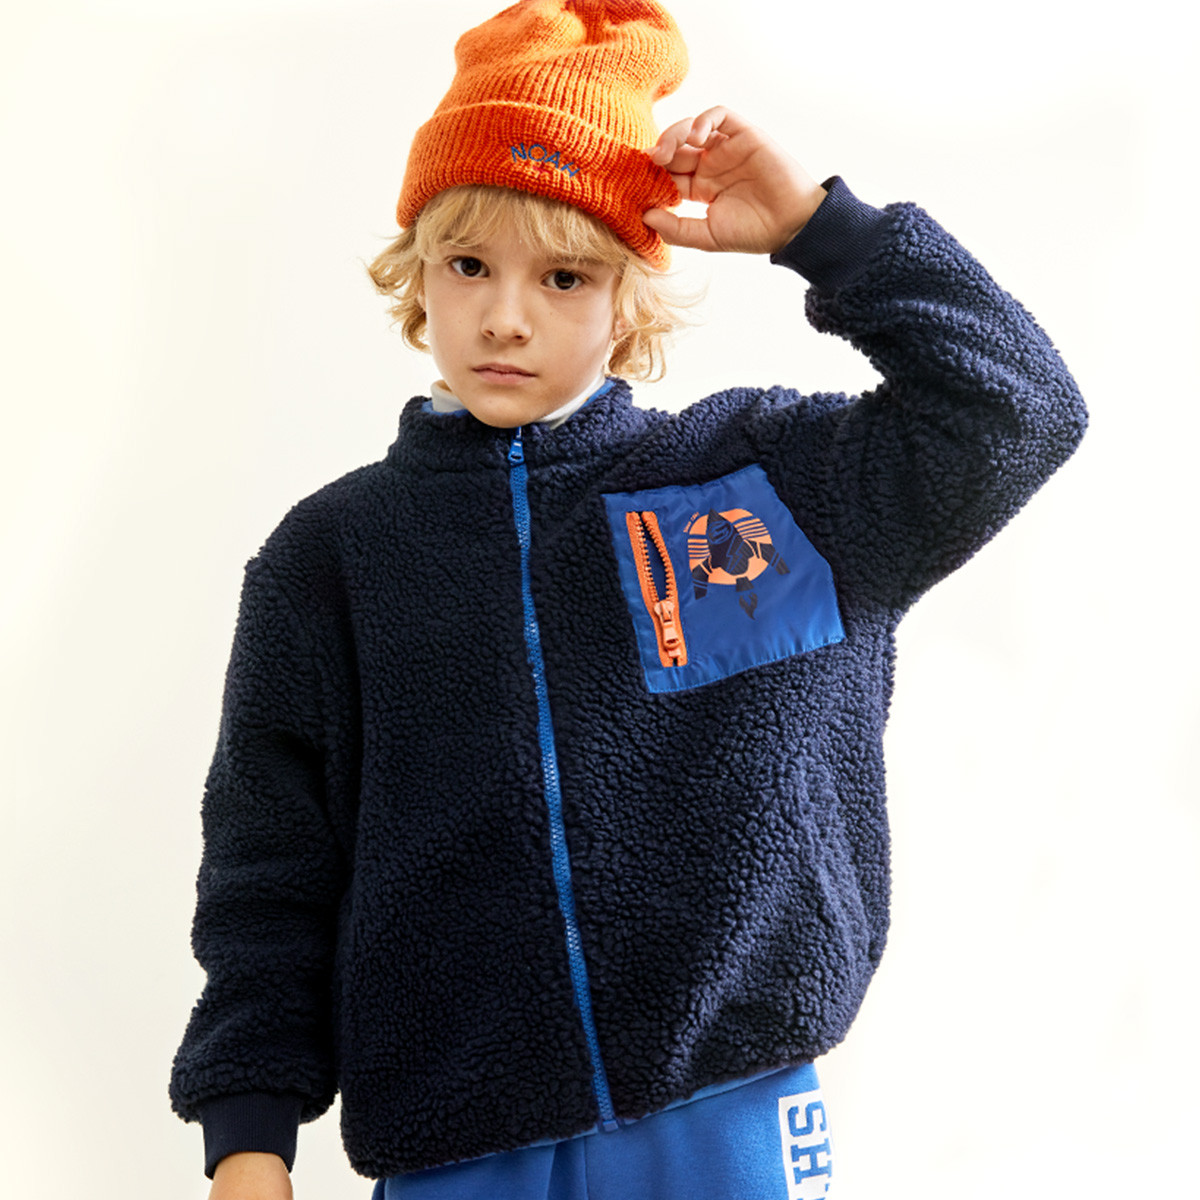 水孩儿水孩儿童装秋冬装新款男童时尚开身外套SHNDBD35CC718B09